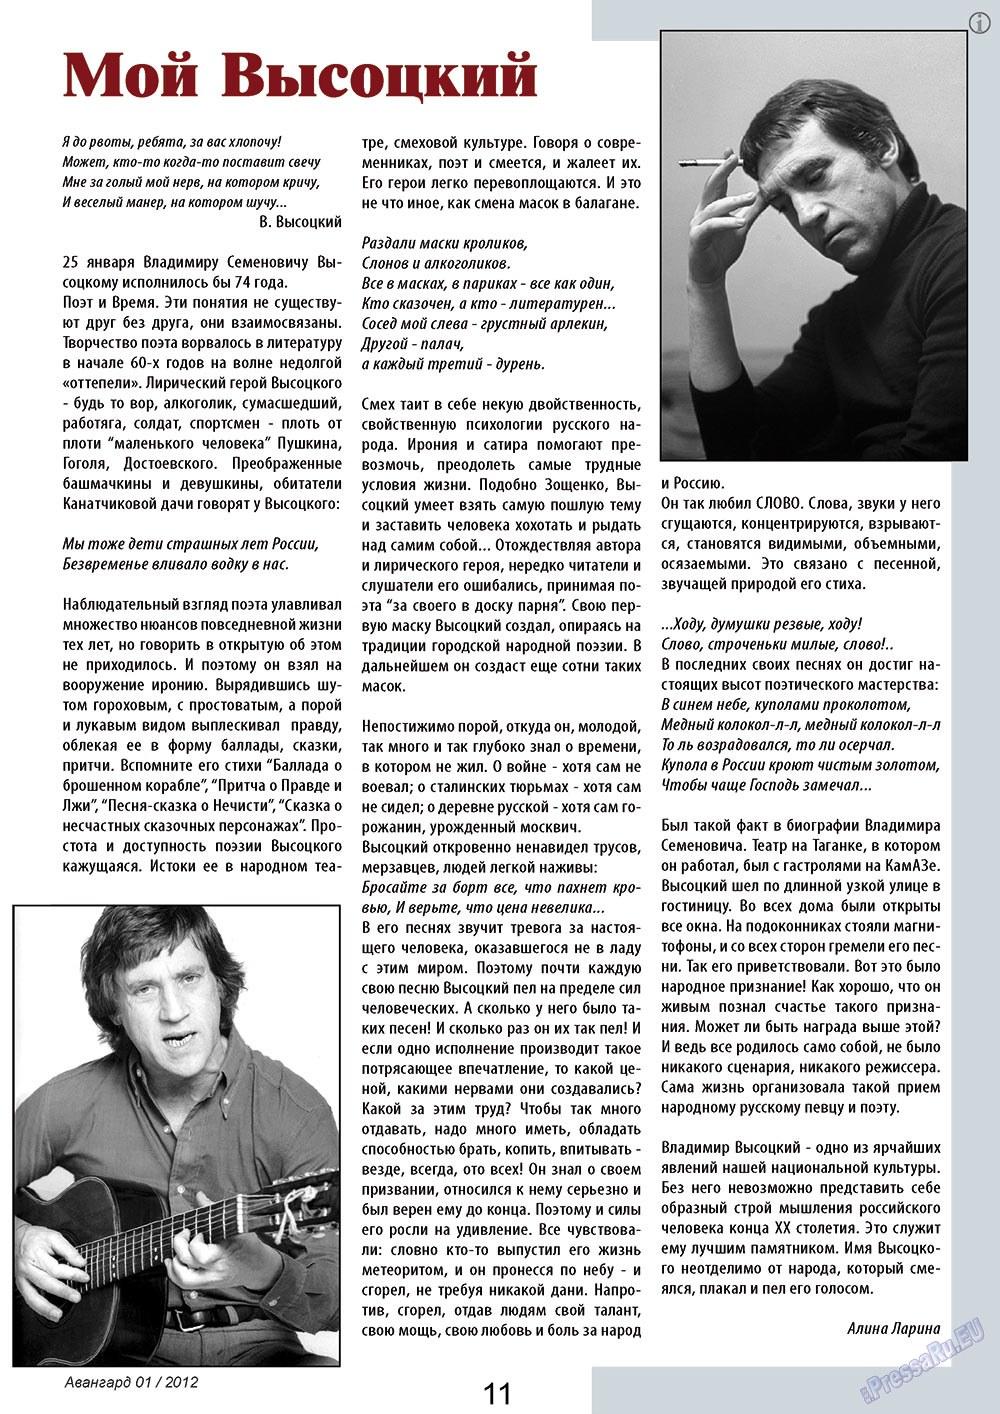 Авангард (журнал). 2012 год, номер 1, стр. 11